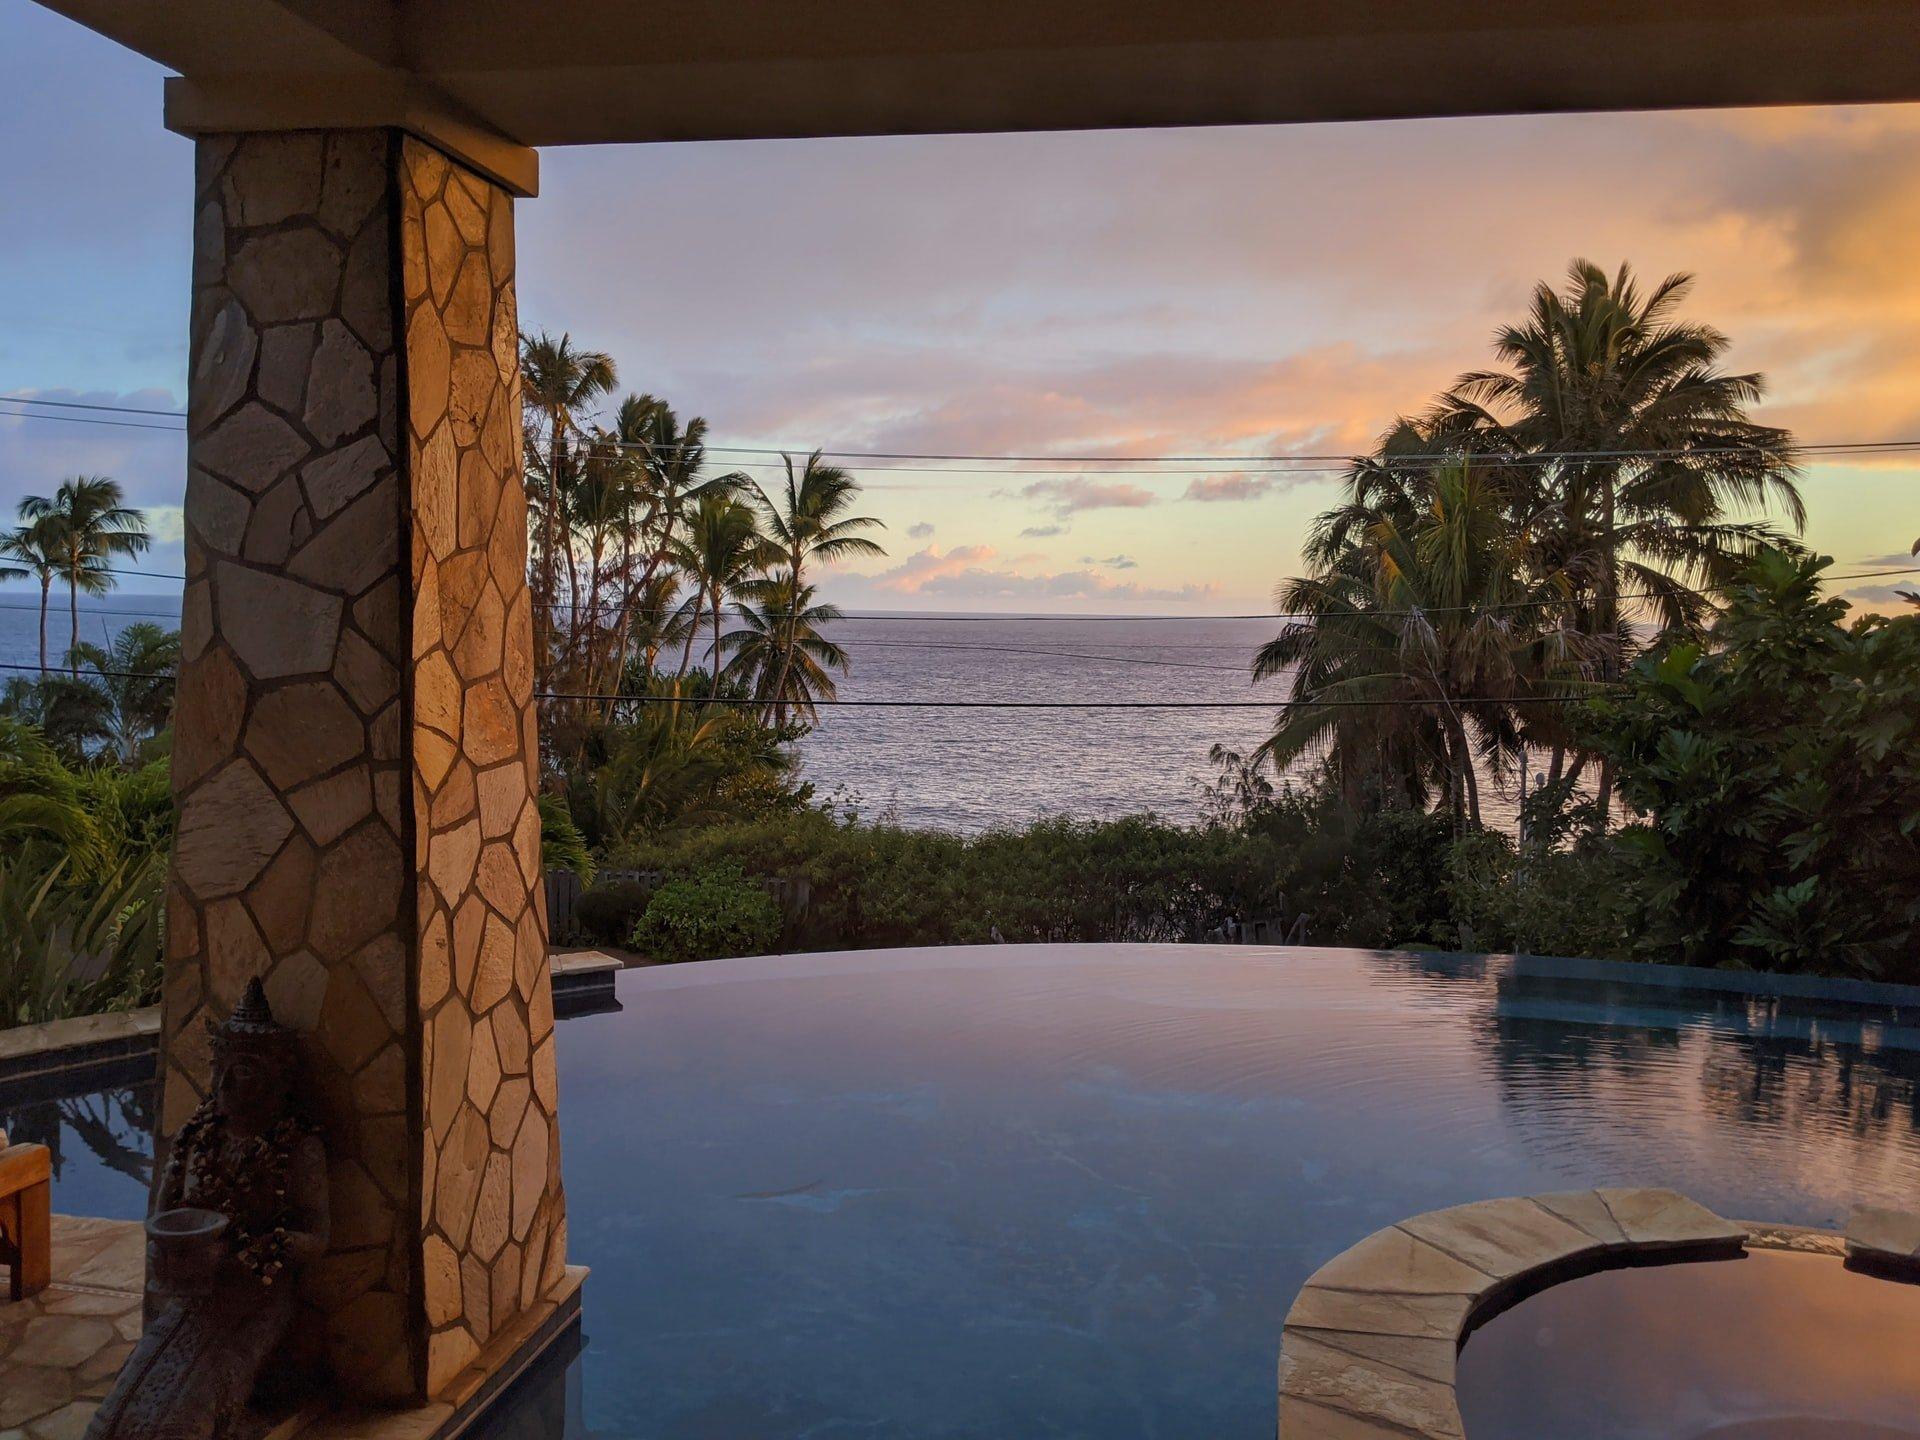 Beach House Kauai Hawaii